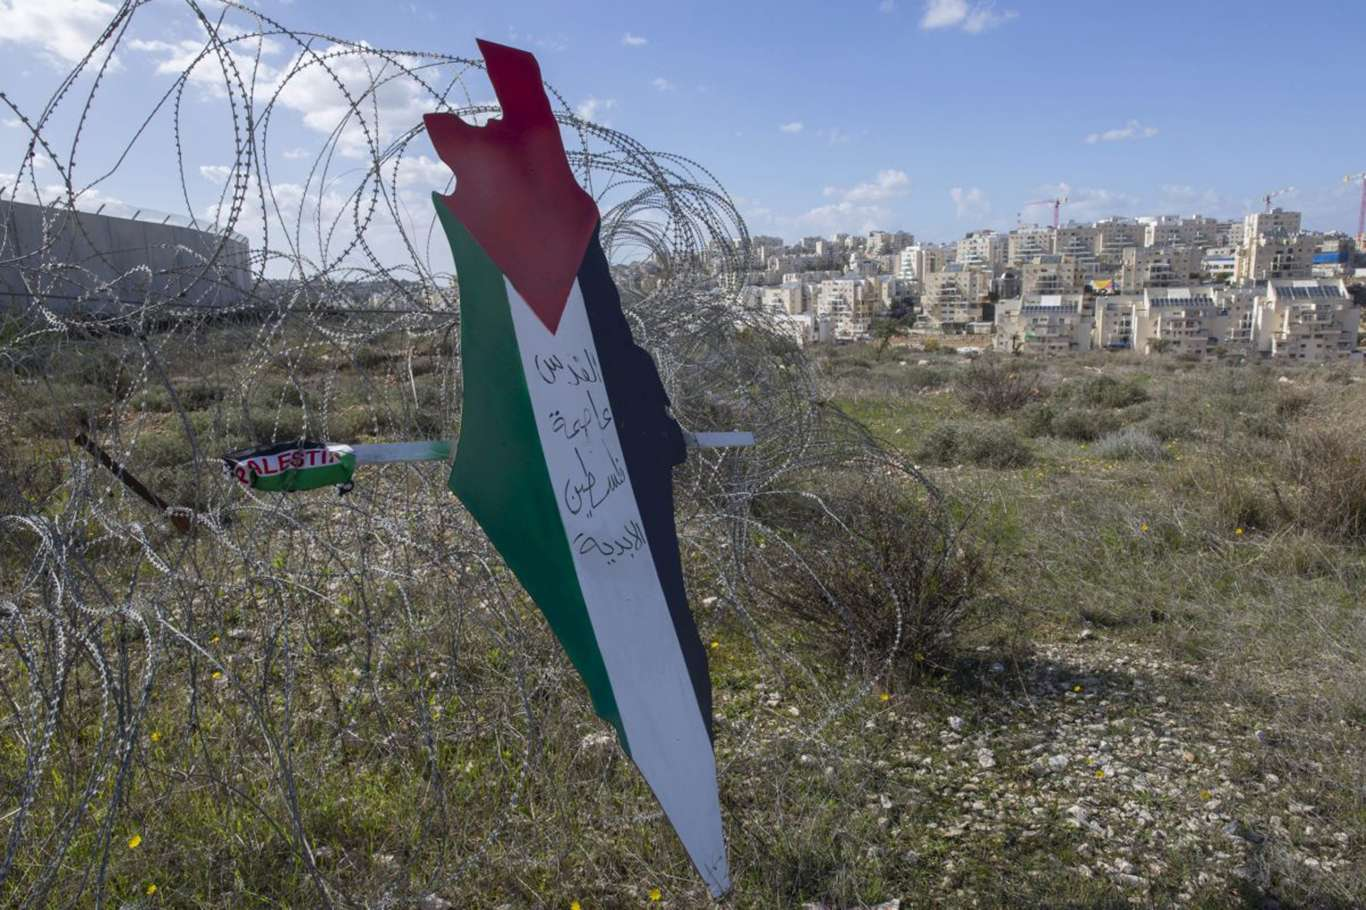 Siyonist işgal rejimi Filistin topraklarını sessiz sedasız gasp etmeyi sürdürüyor